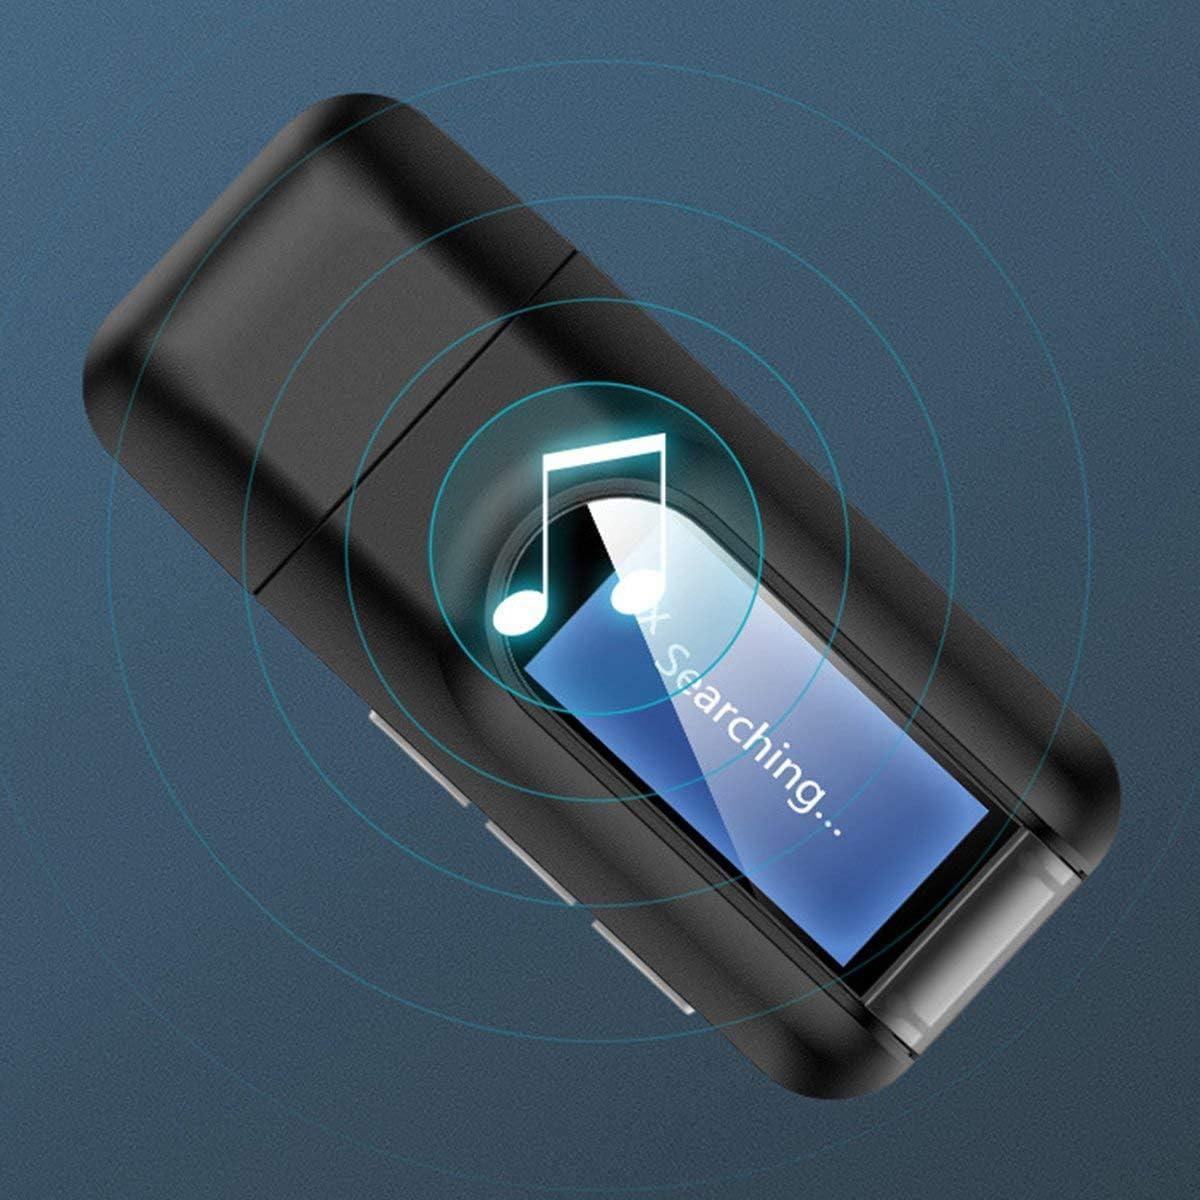 Greatangle Pantalla LCD Adaptador de Audio inal/ámbrico transmisor Receptor de Audio 3 en 1 Conector de 3,5 mm Adaptador USB est/éreo PC TV Negro